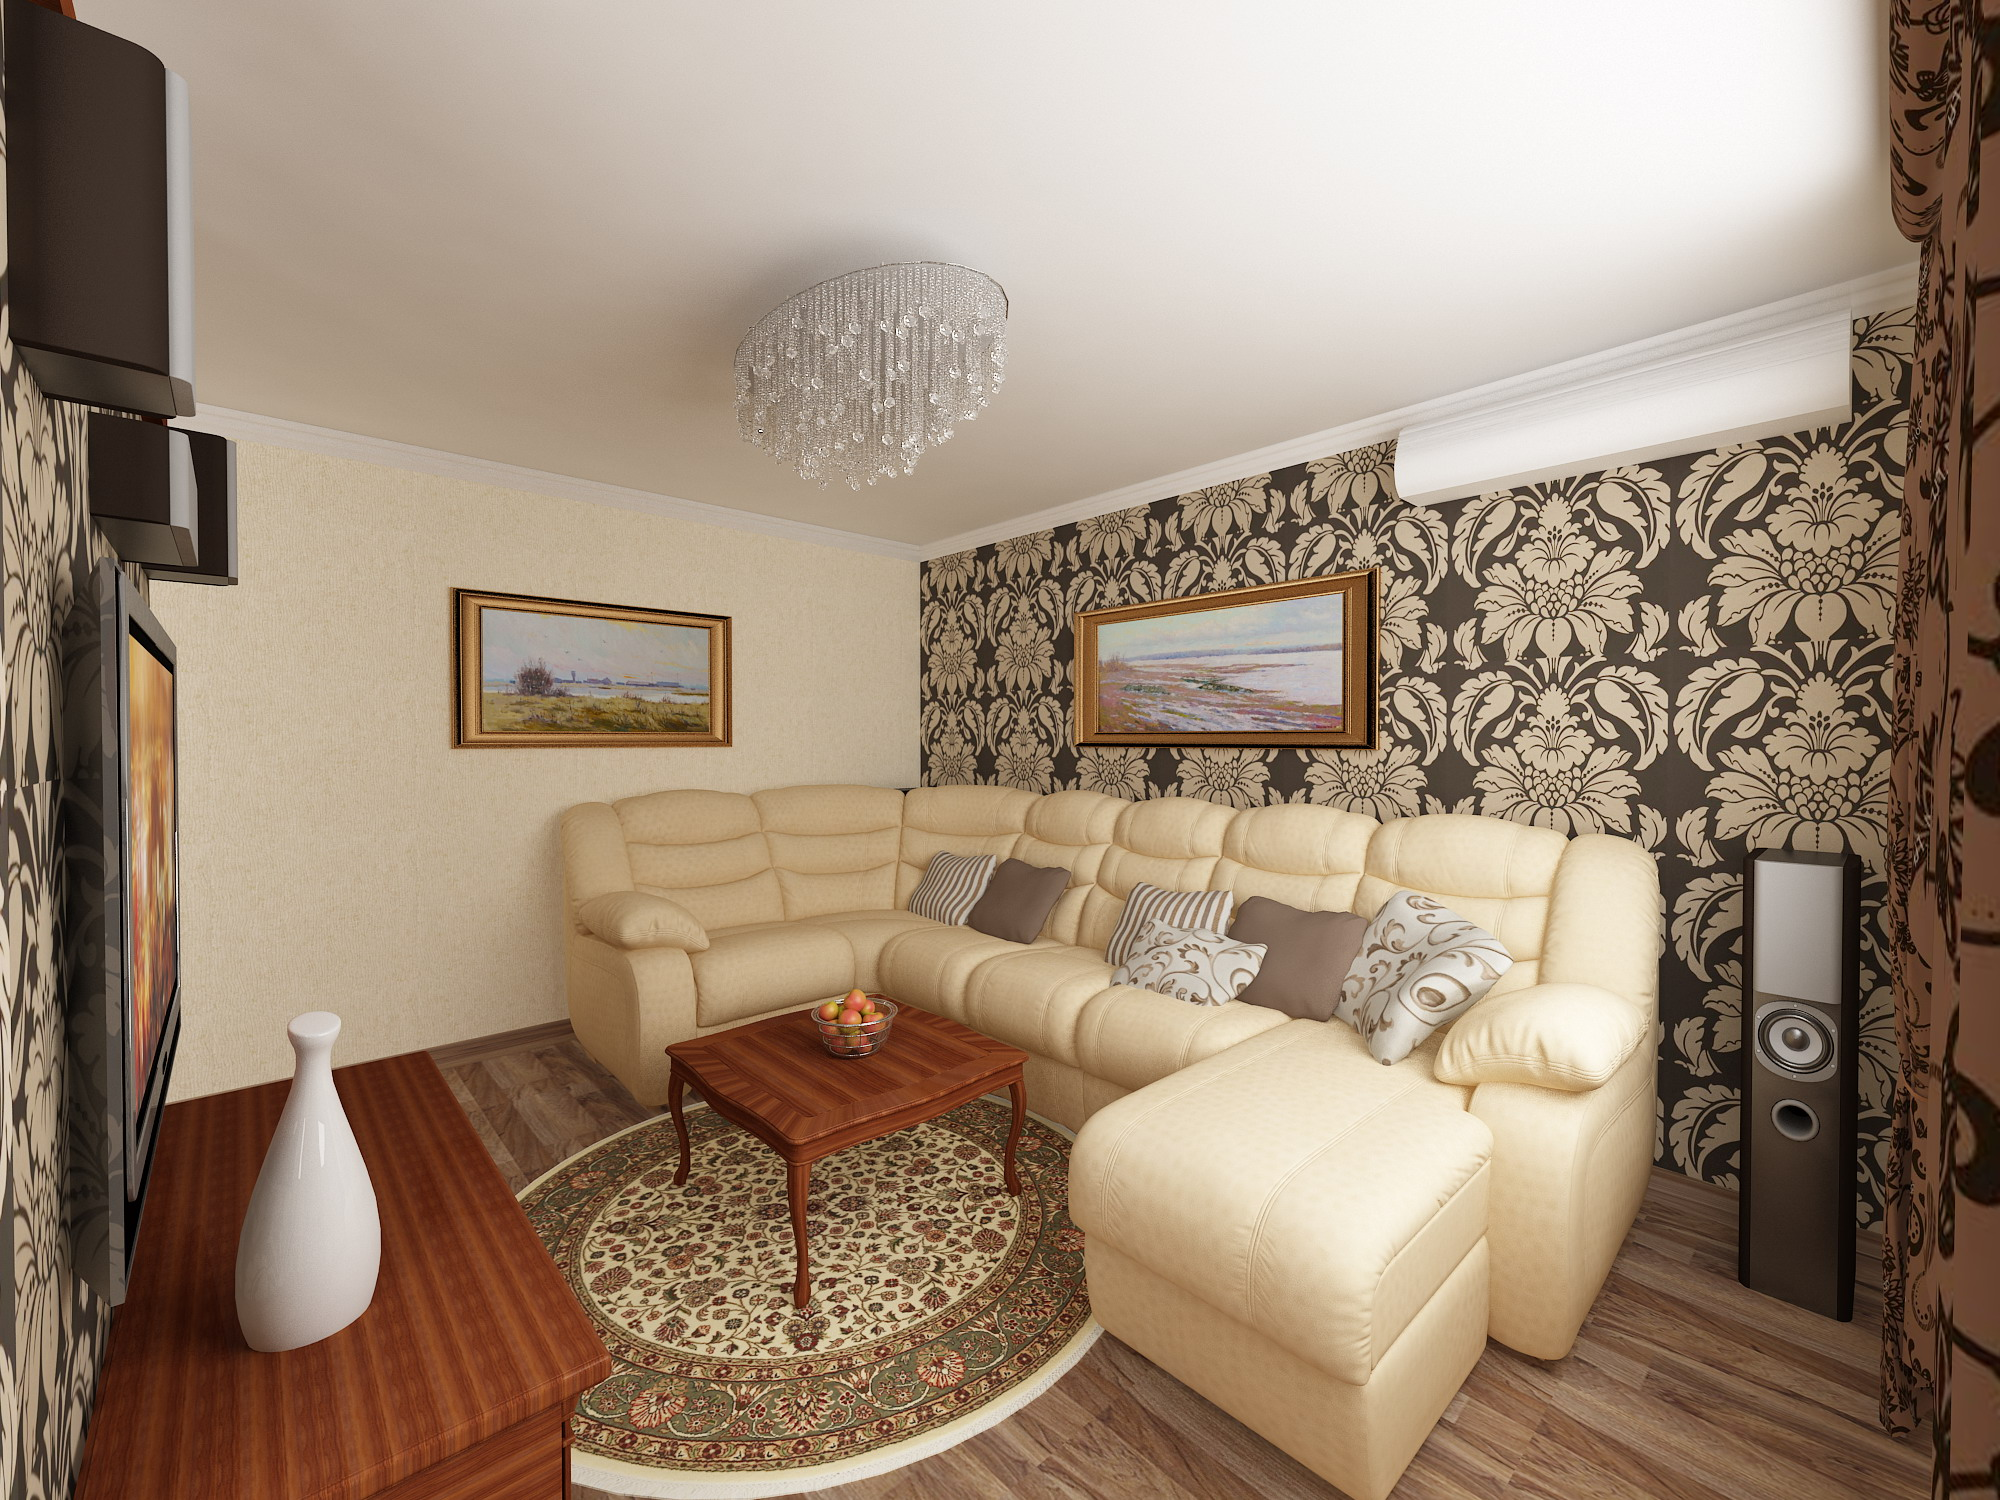 Правильная расстановка мебели в квартире для увеличения пространства